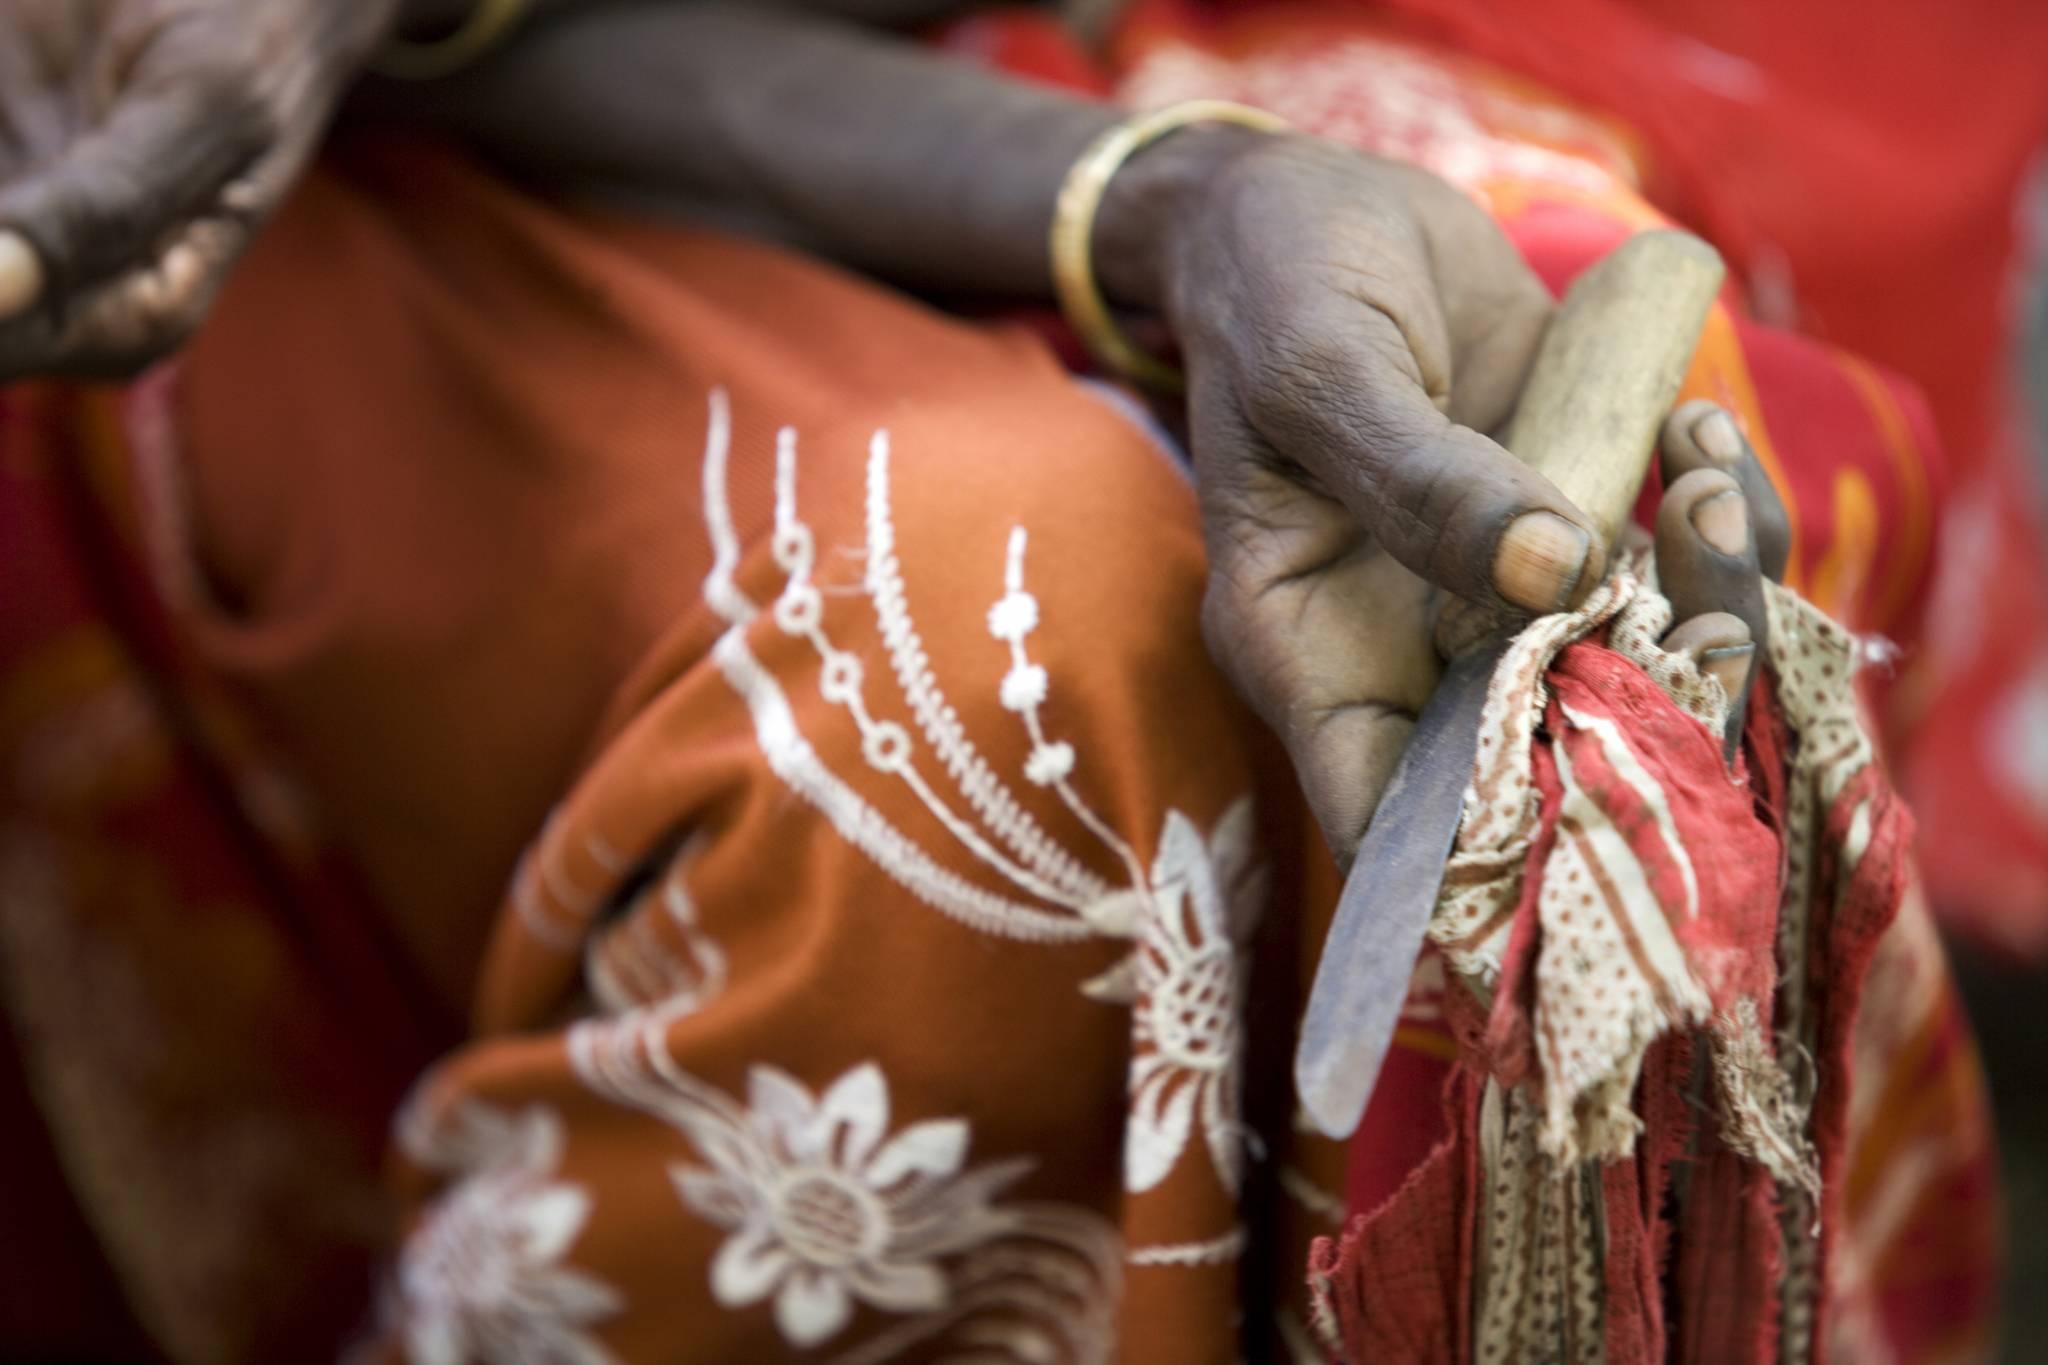 Journée internationale de la tolérance zéro à l'égard des mutilations génitales féminines